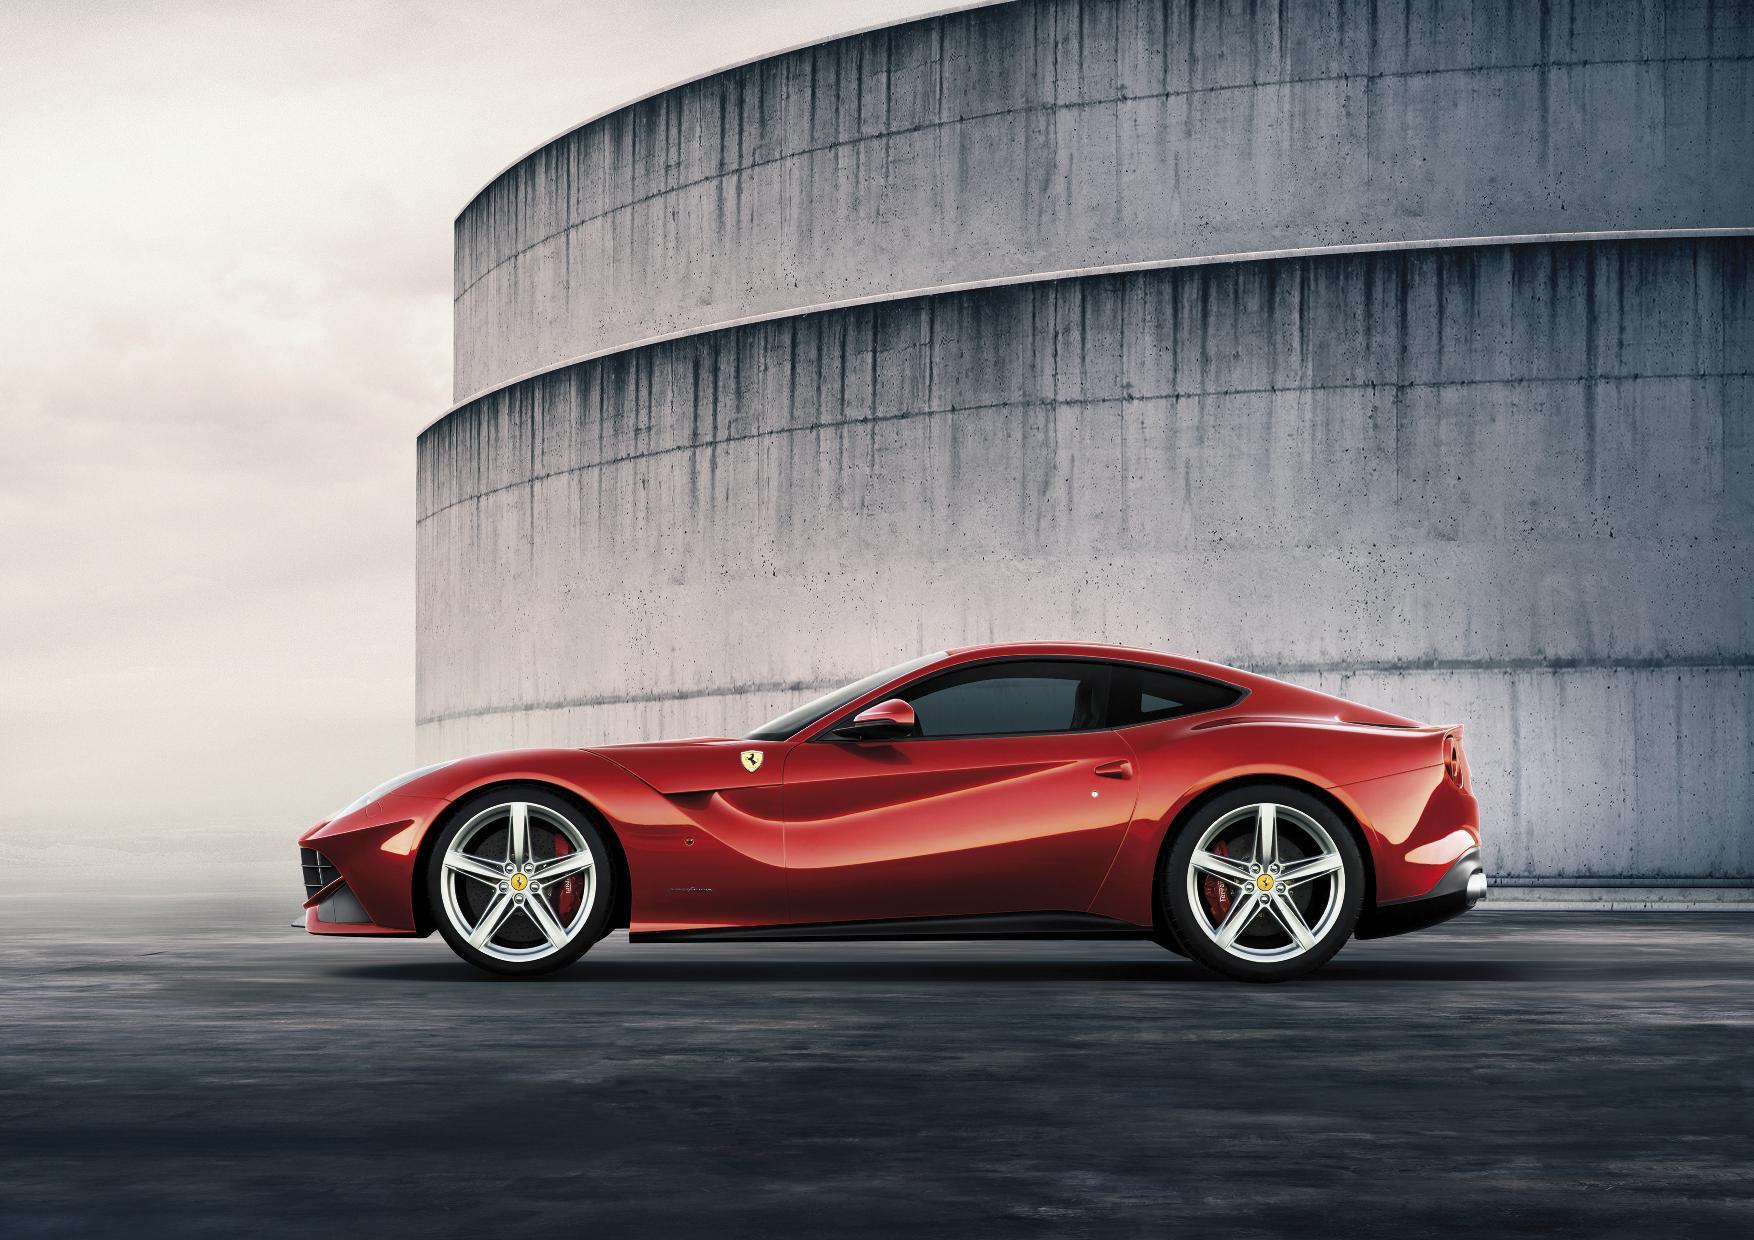 Ferrari F12 Berlinetta Side